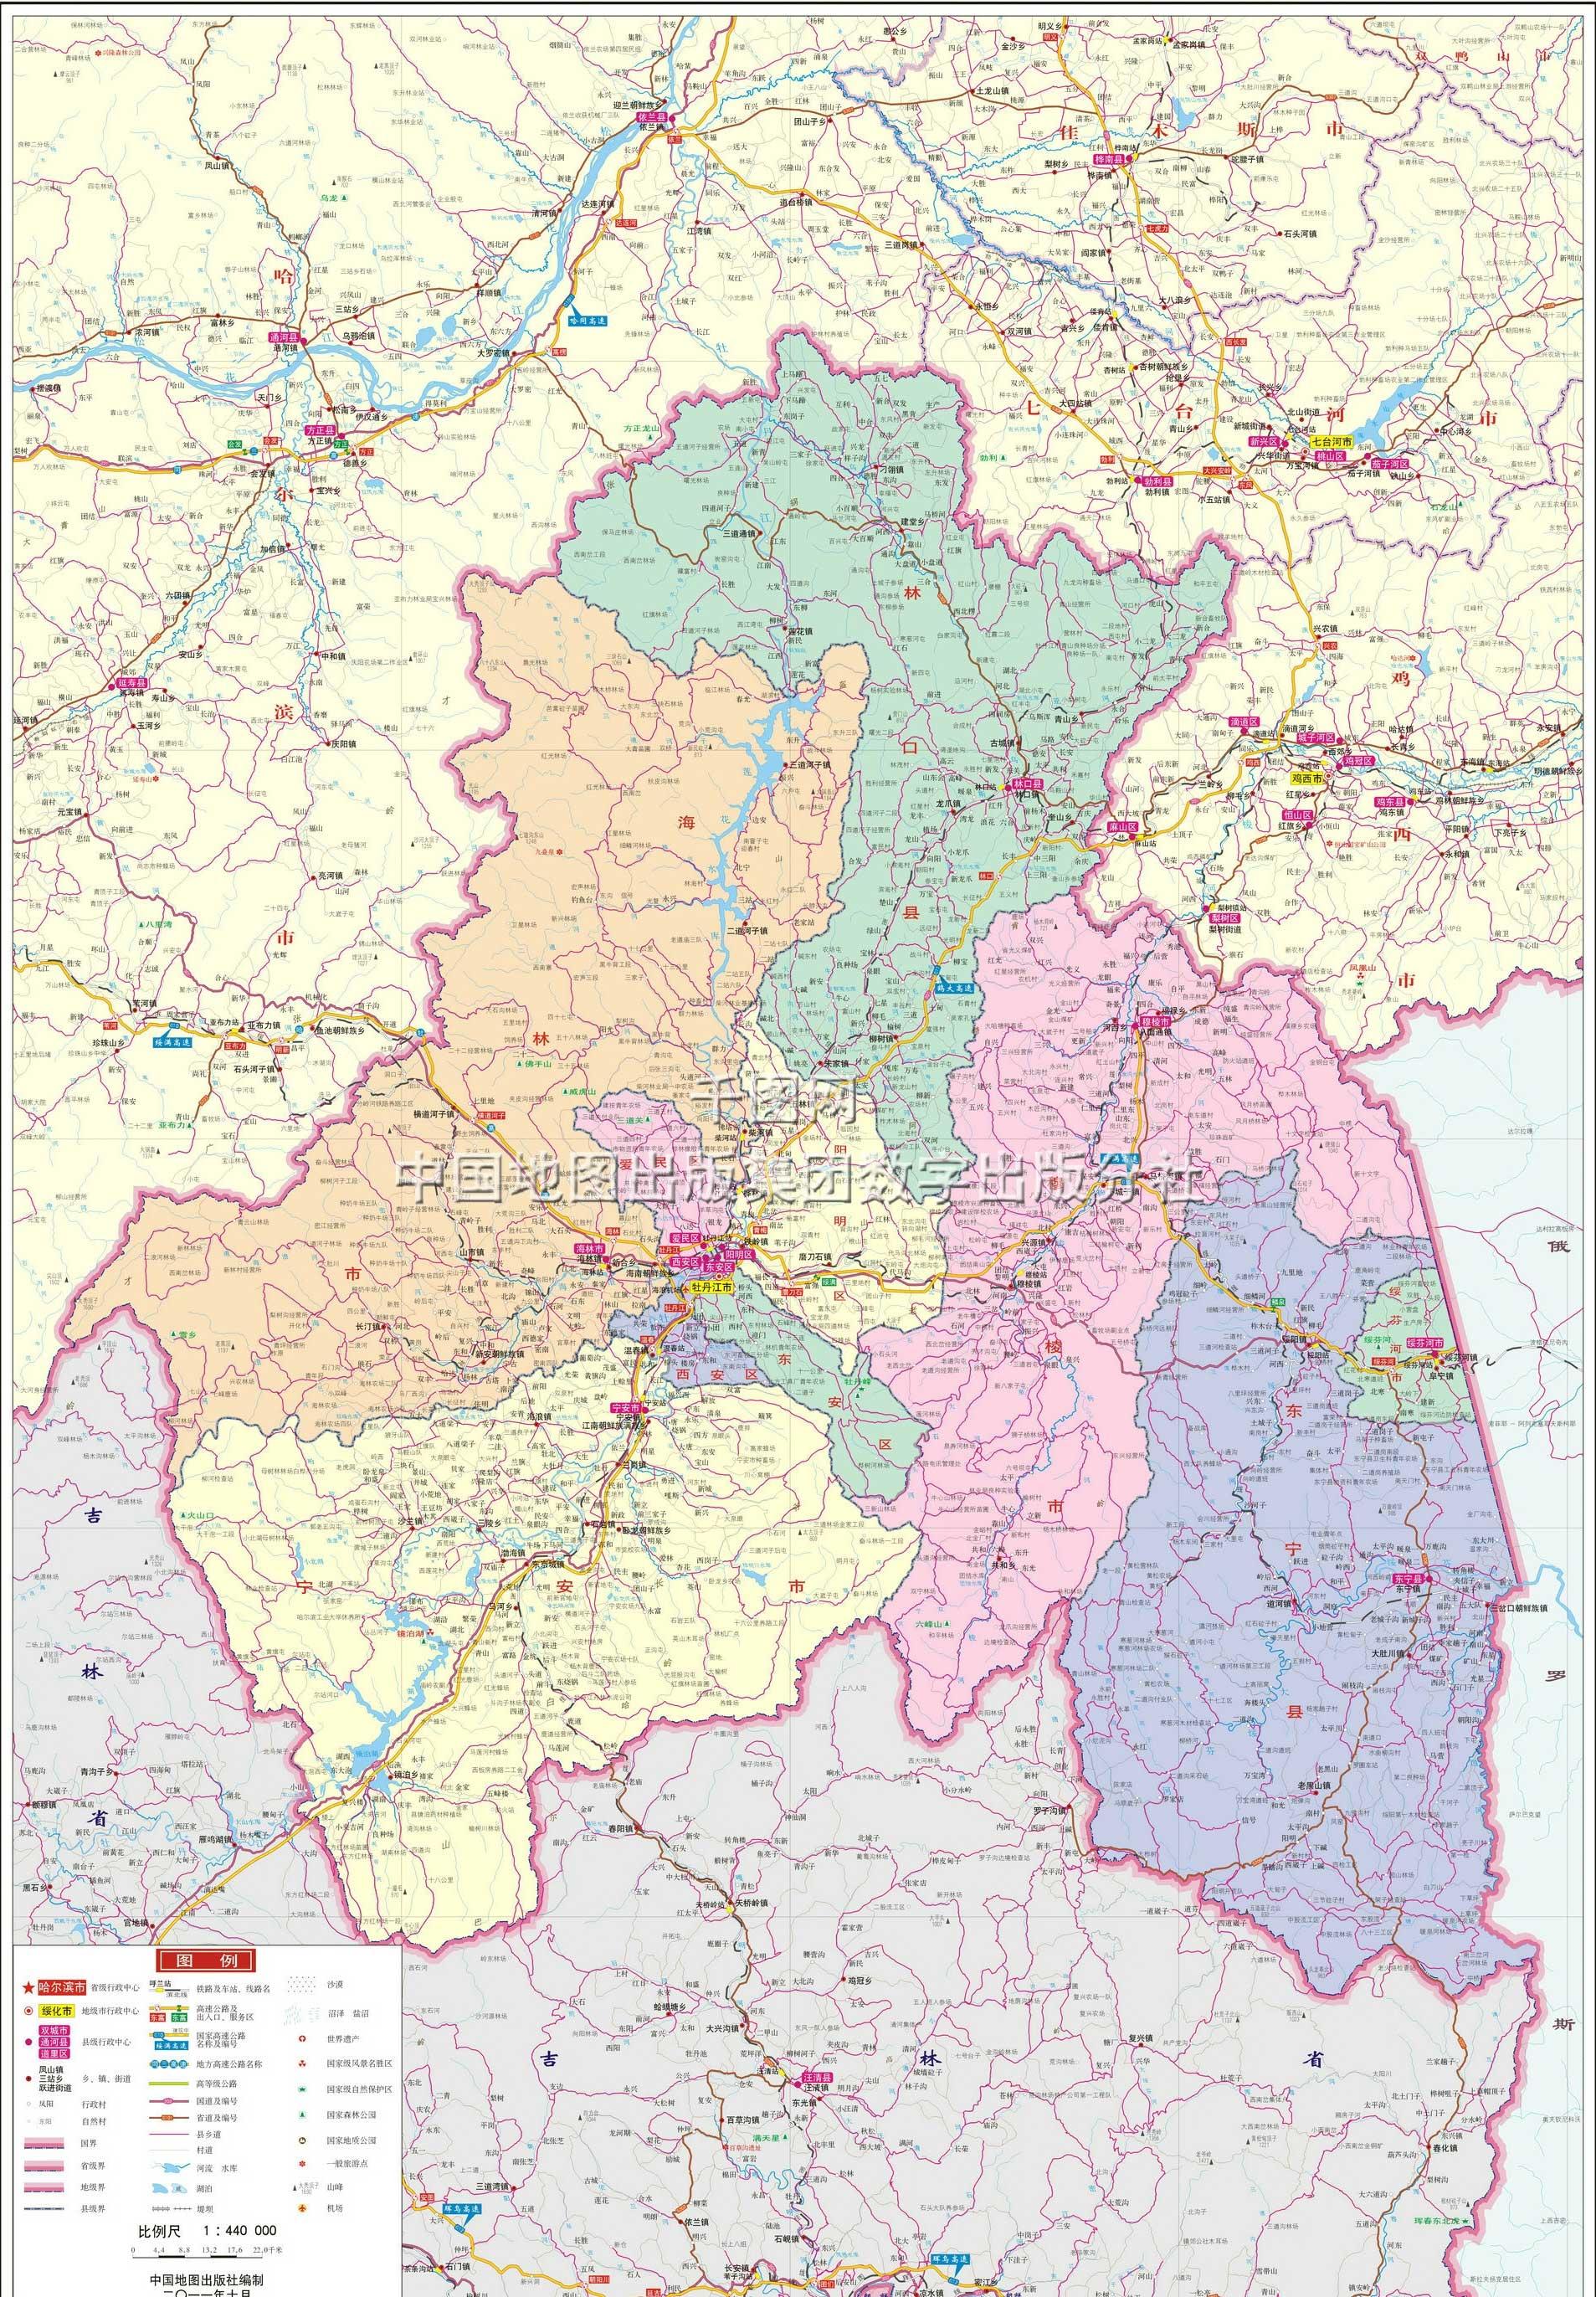 牡丹江市地图高清版